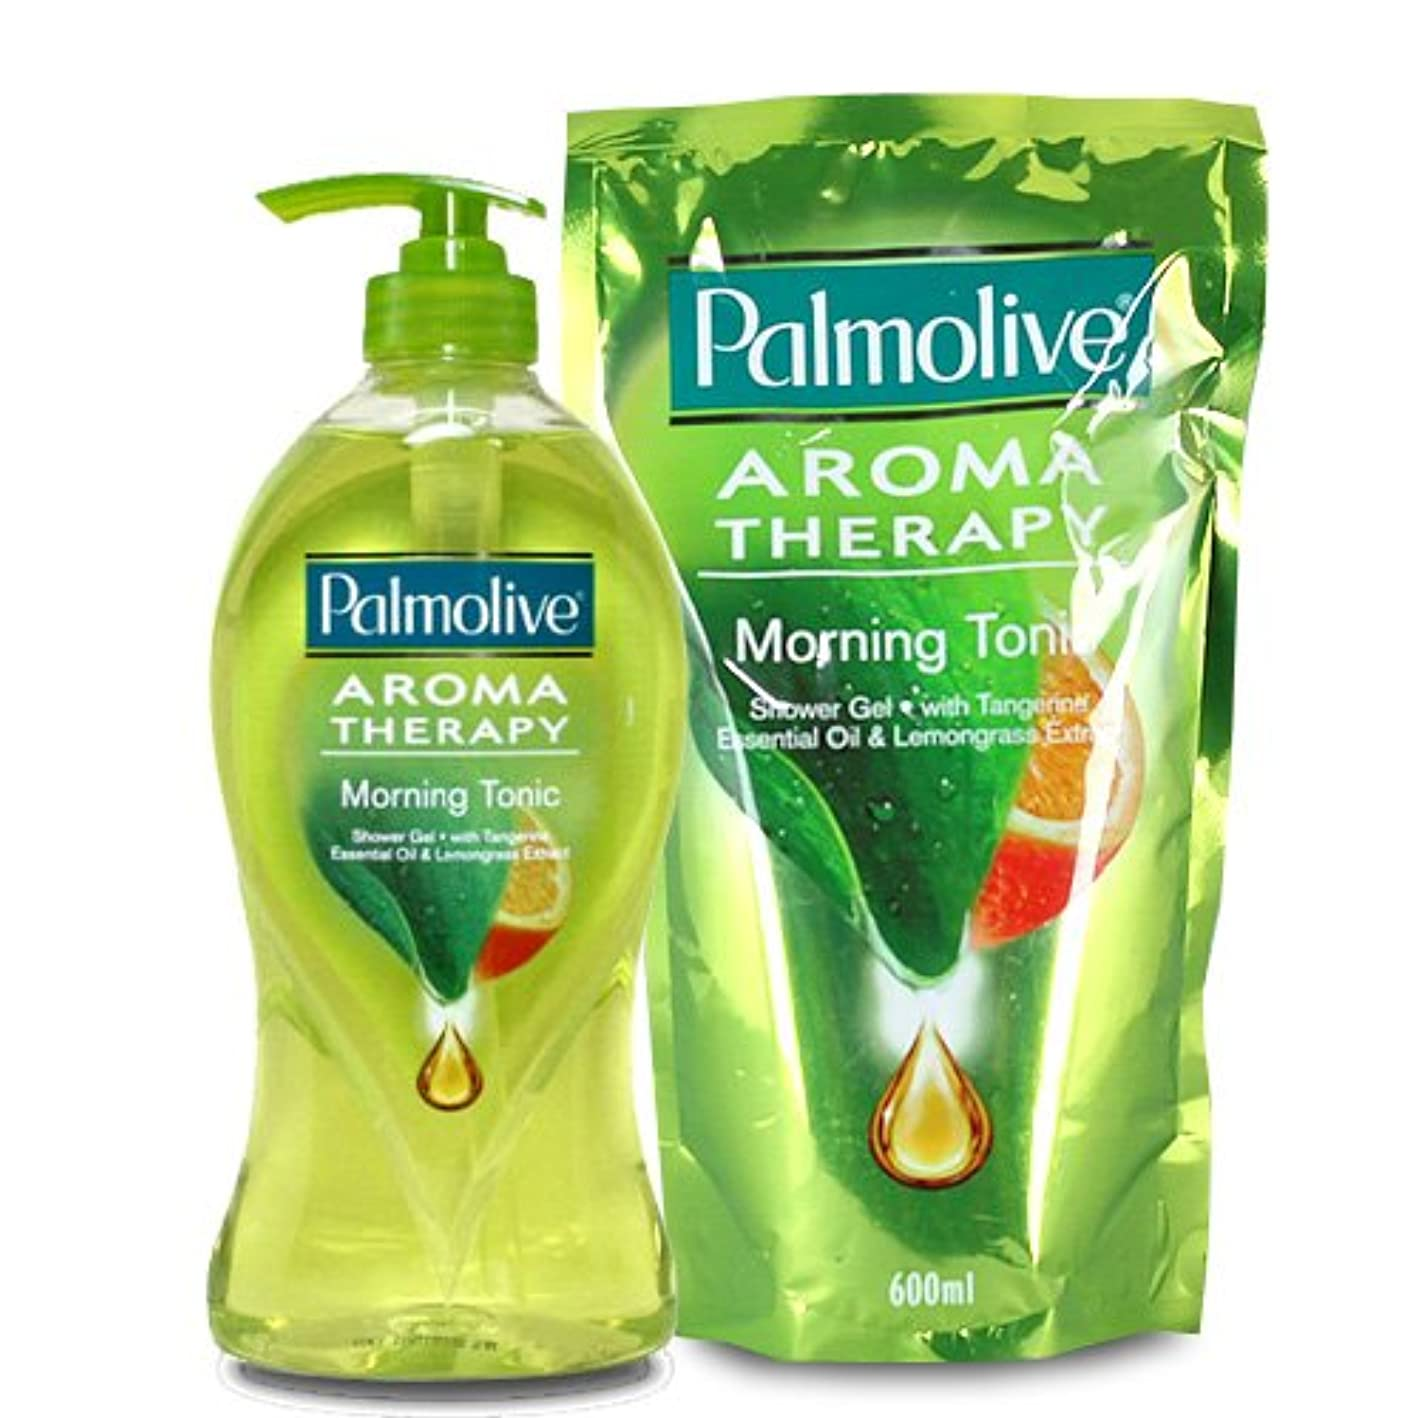 マークされたあえて革命【Palmolive】パルモリーブ アロマセラピーシャワージェル ボトルと詰め替えのセット (モーニングトニック)